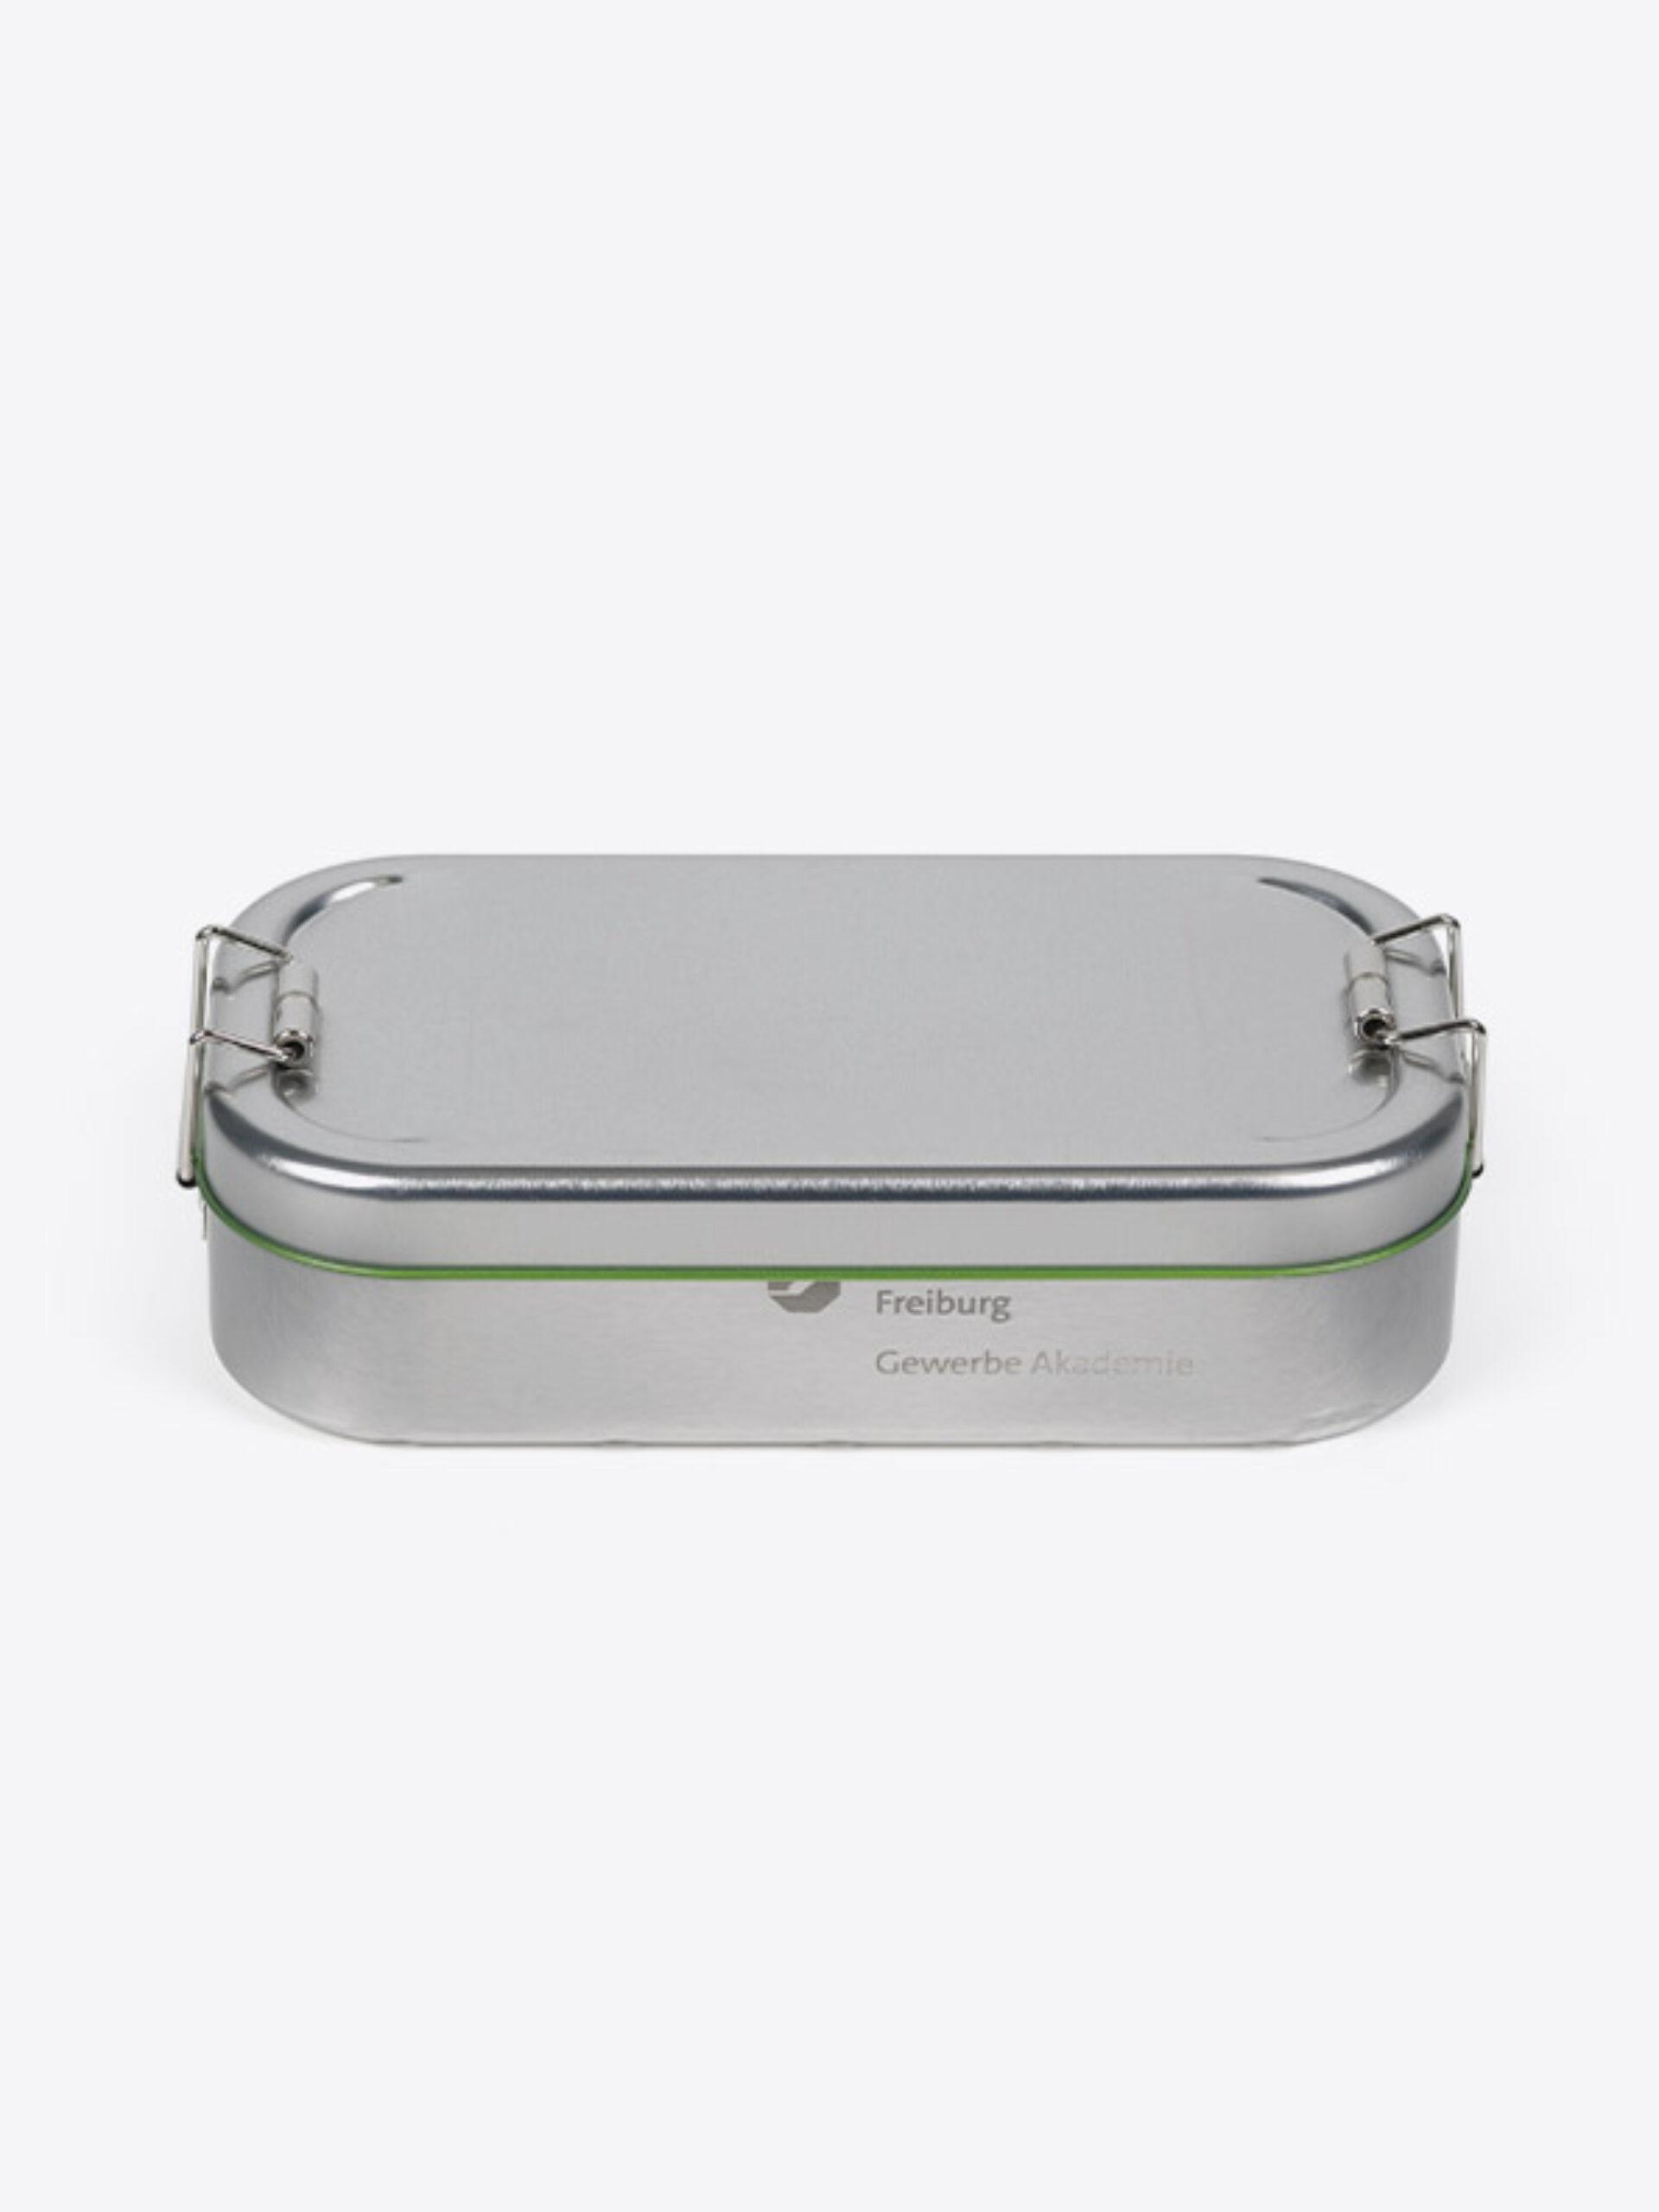 Lunchbox Green Mit Logo Praegung Lasergravur Zurich